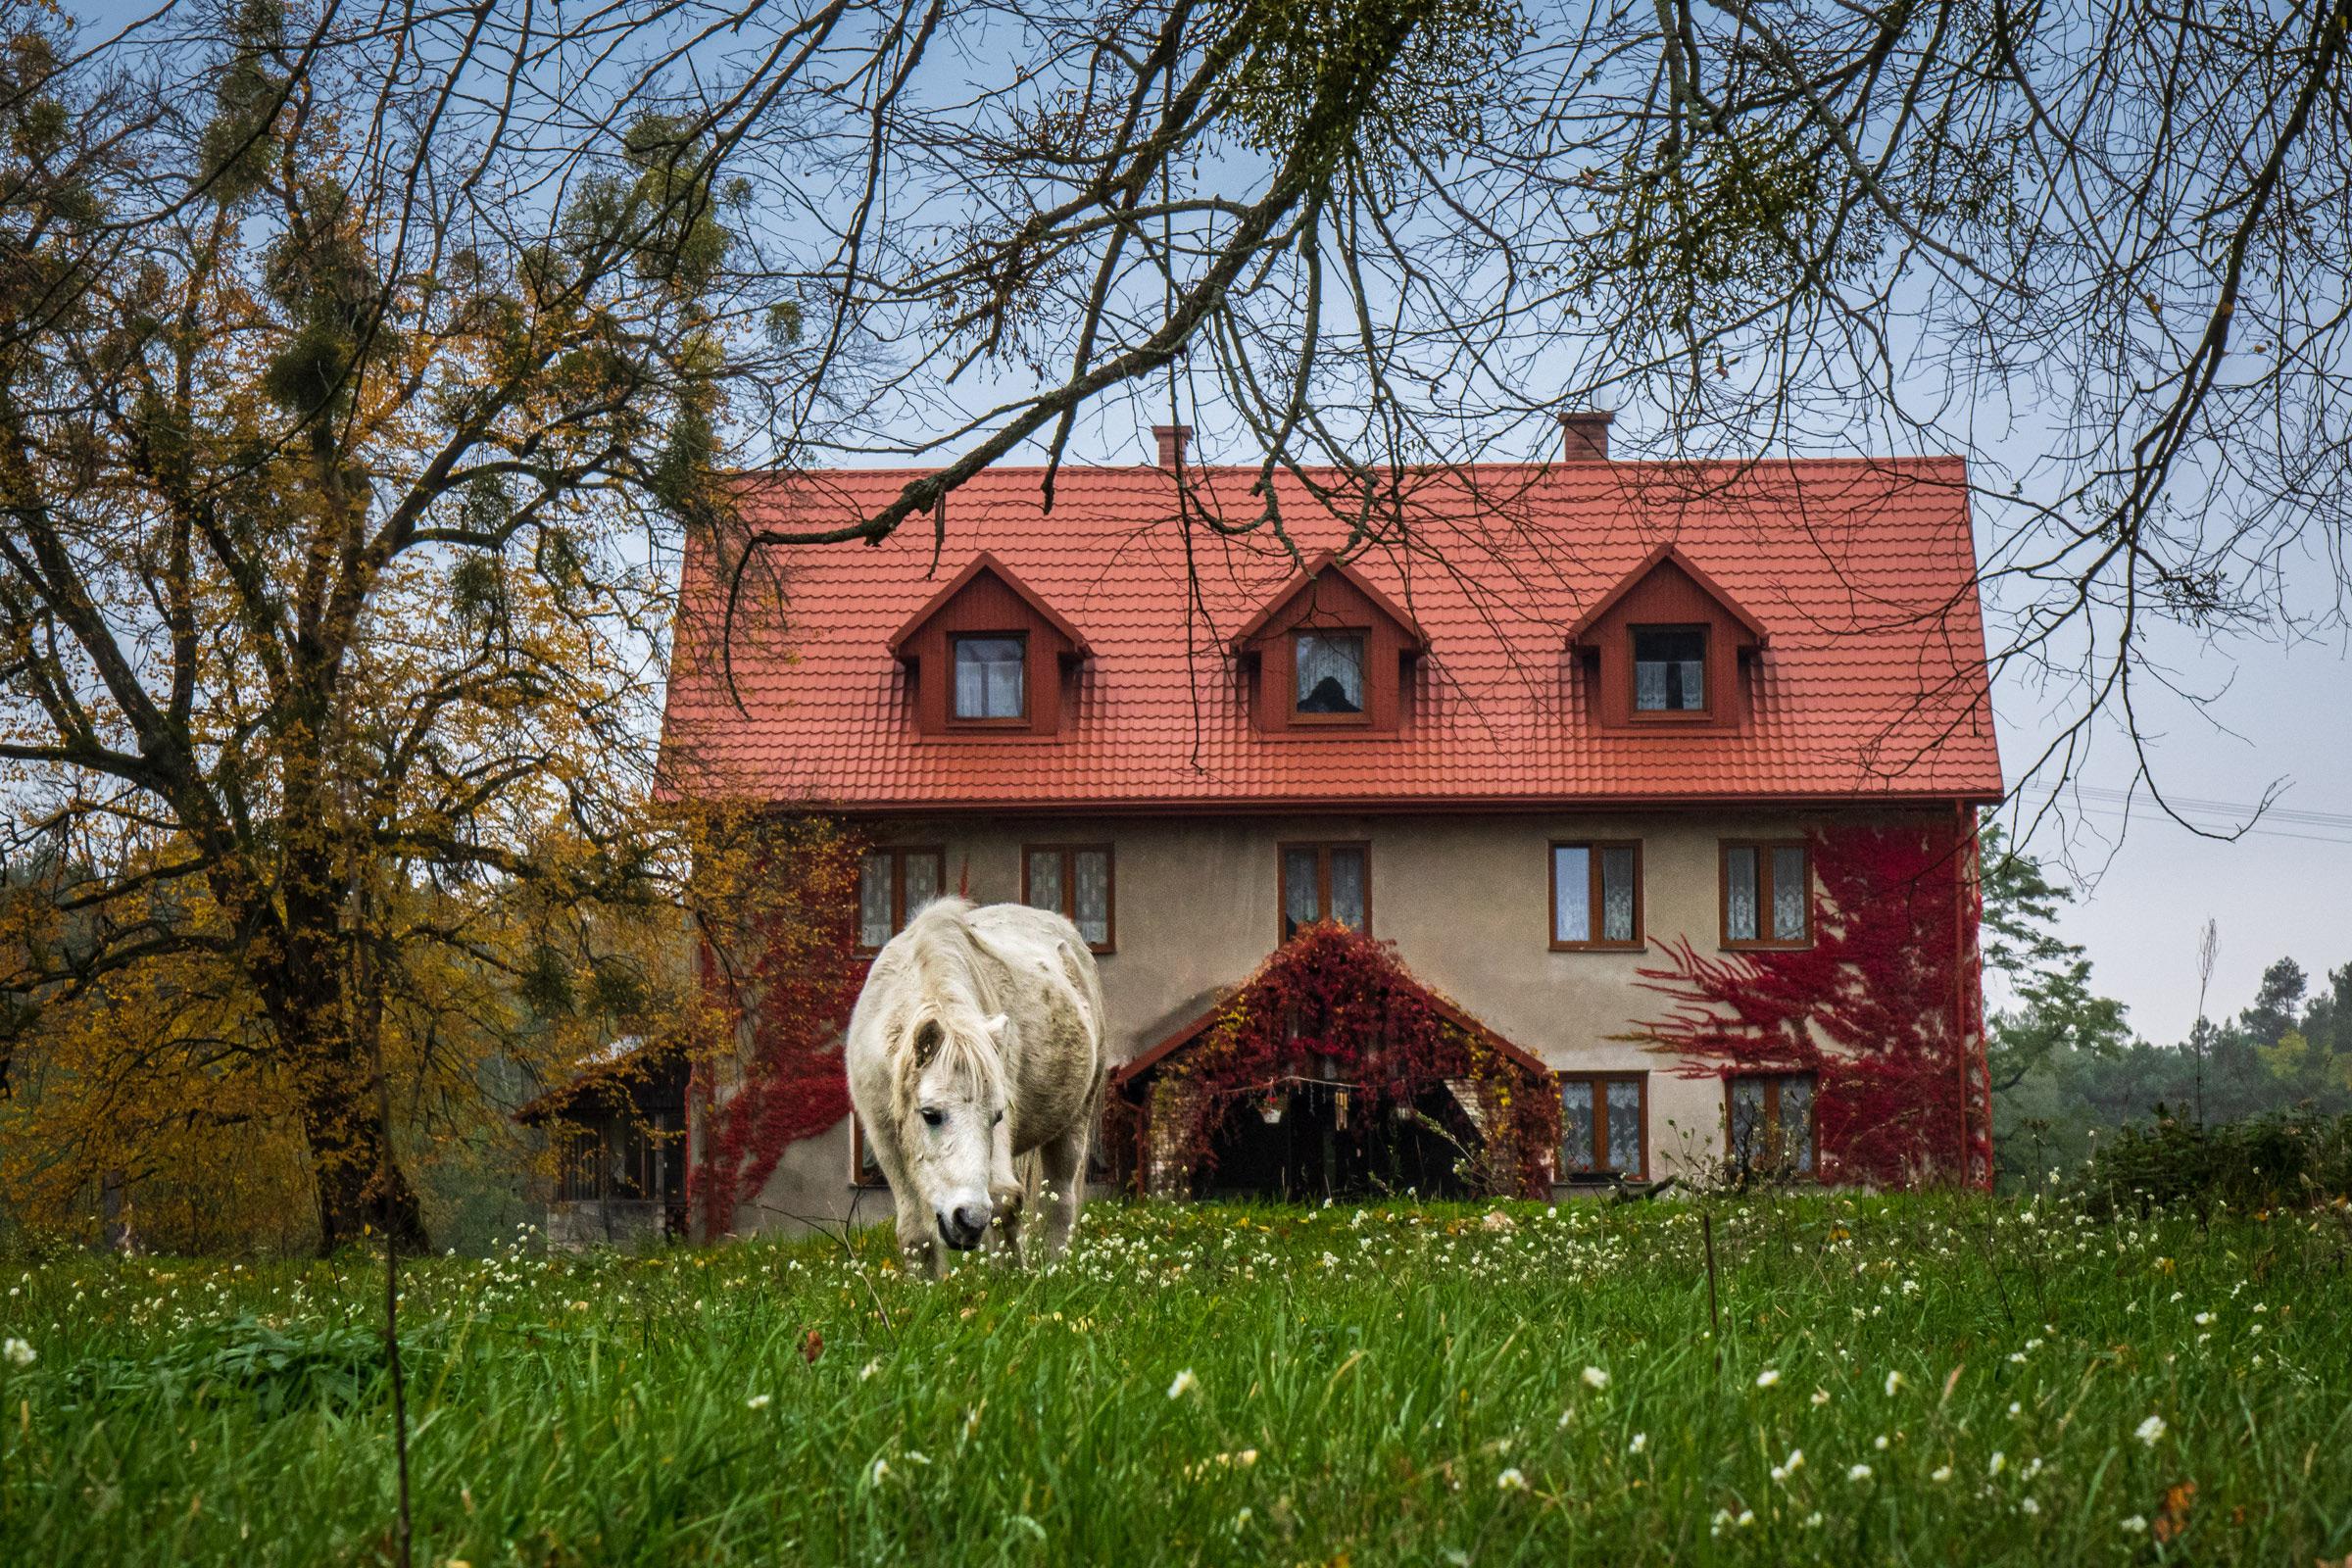 Polanka - agroturystyka i konie. fot. Krzysztof Zajączkowski